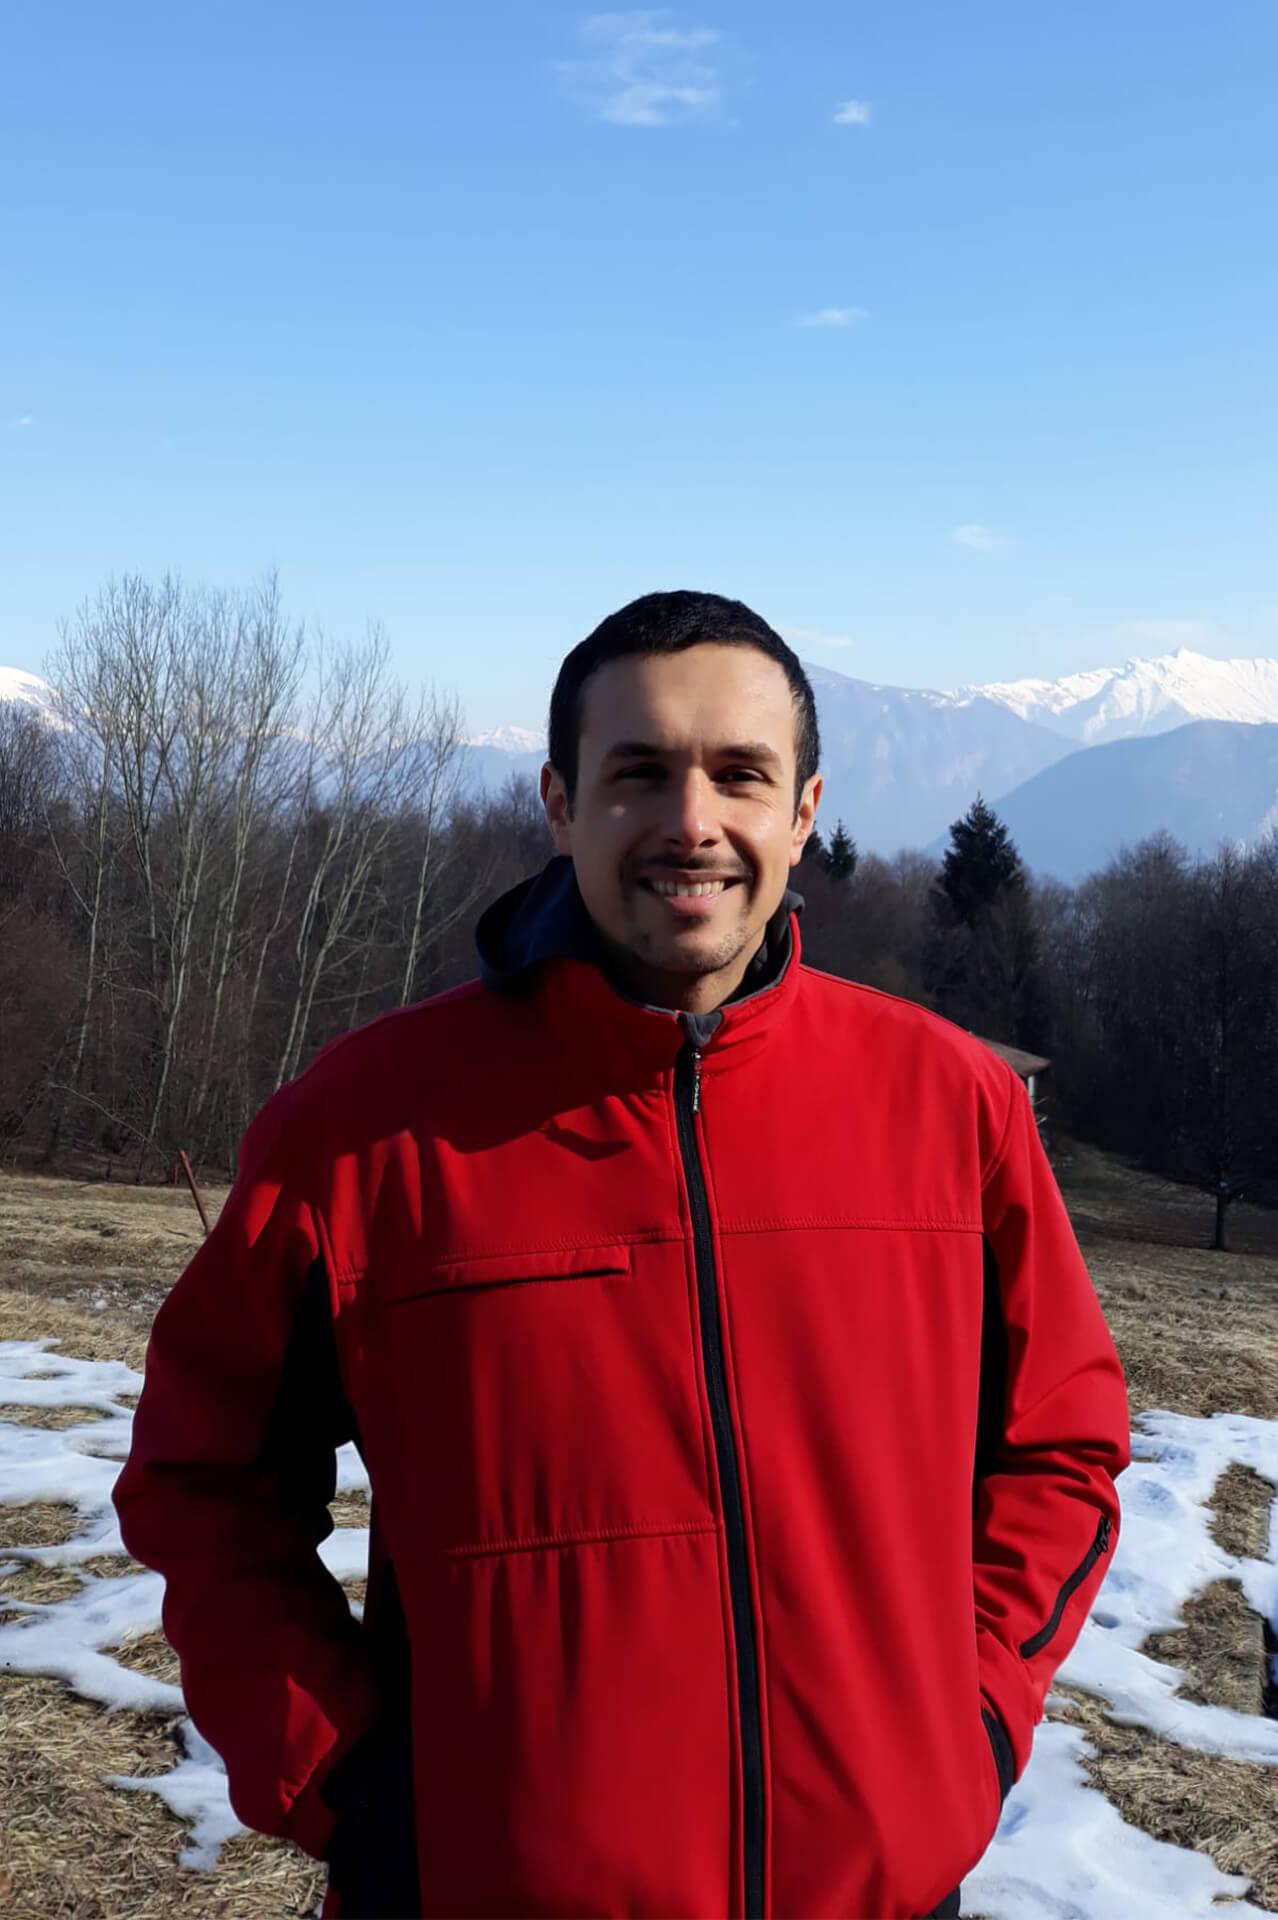 Marcello Franchini